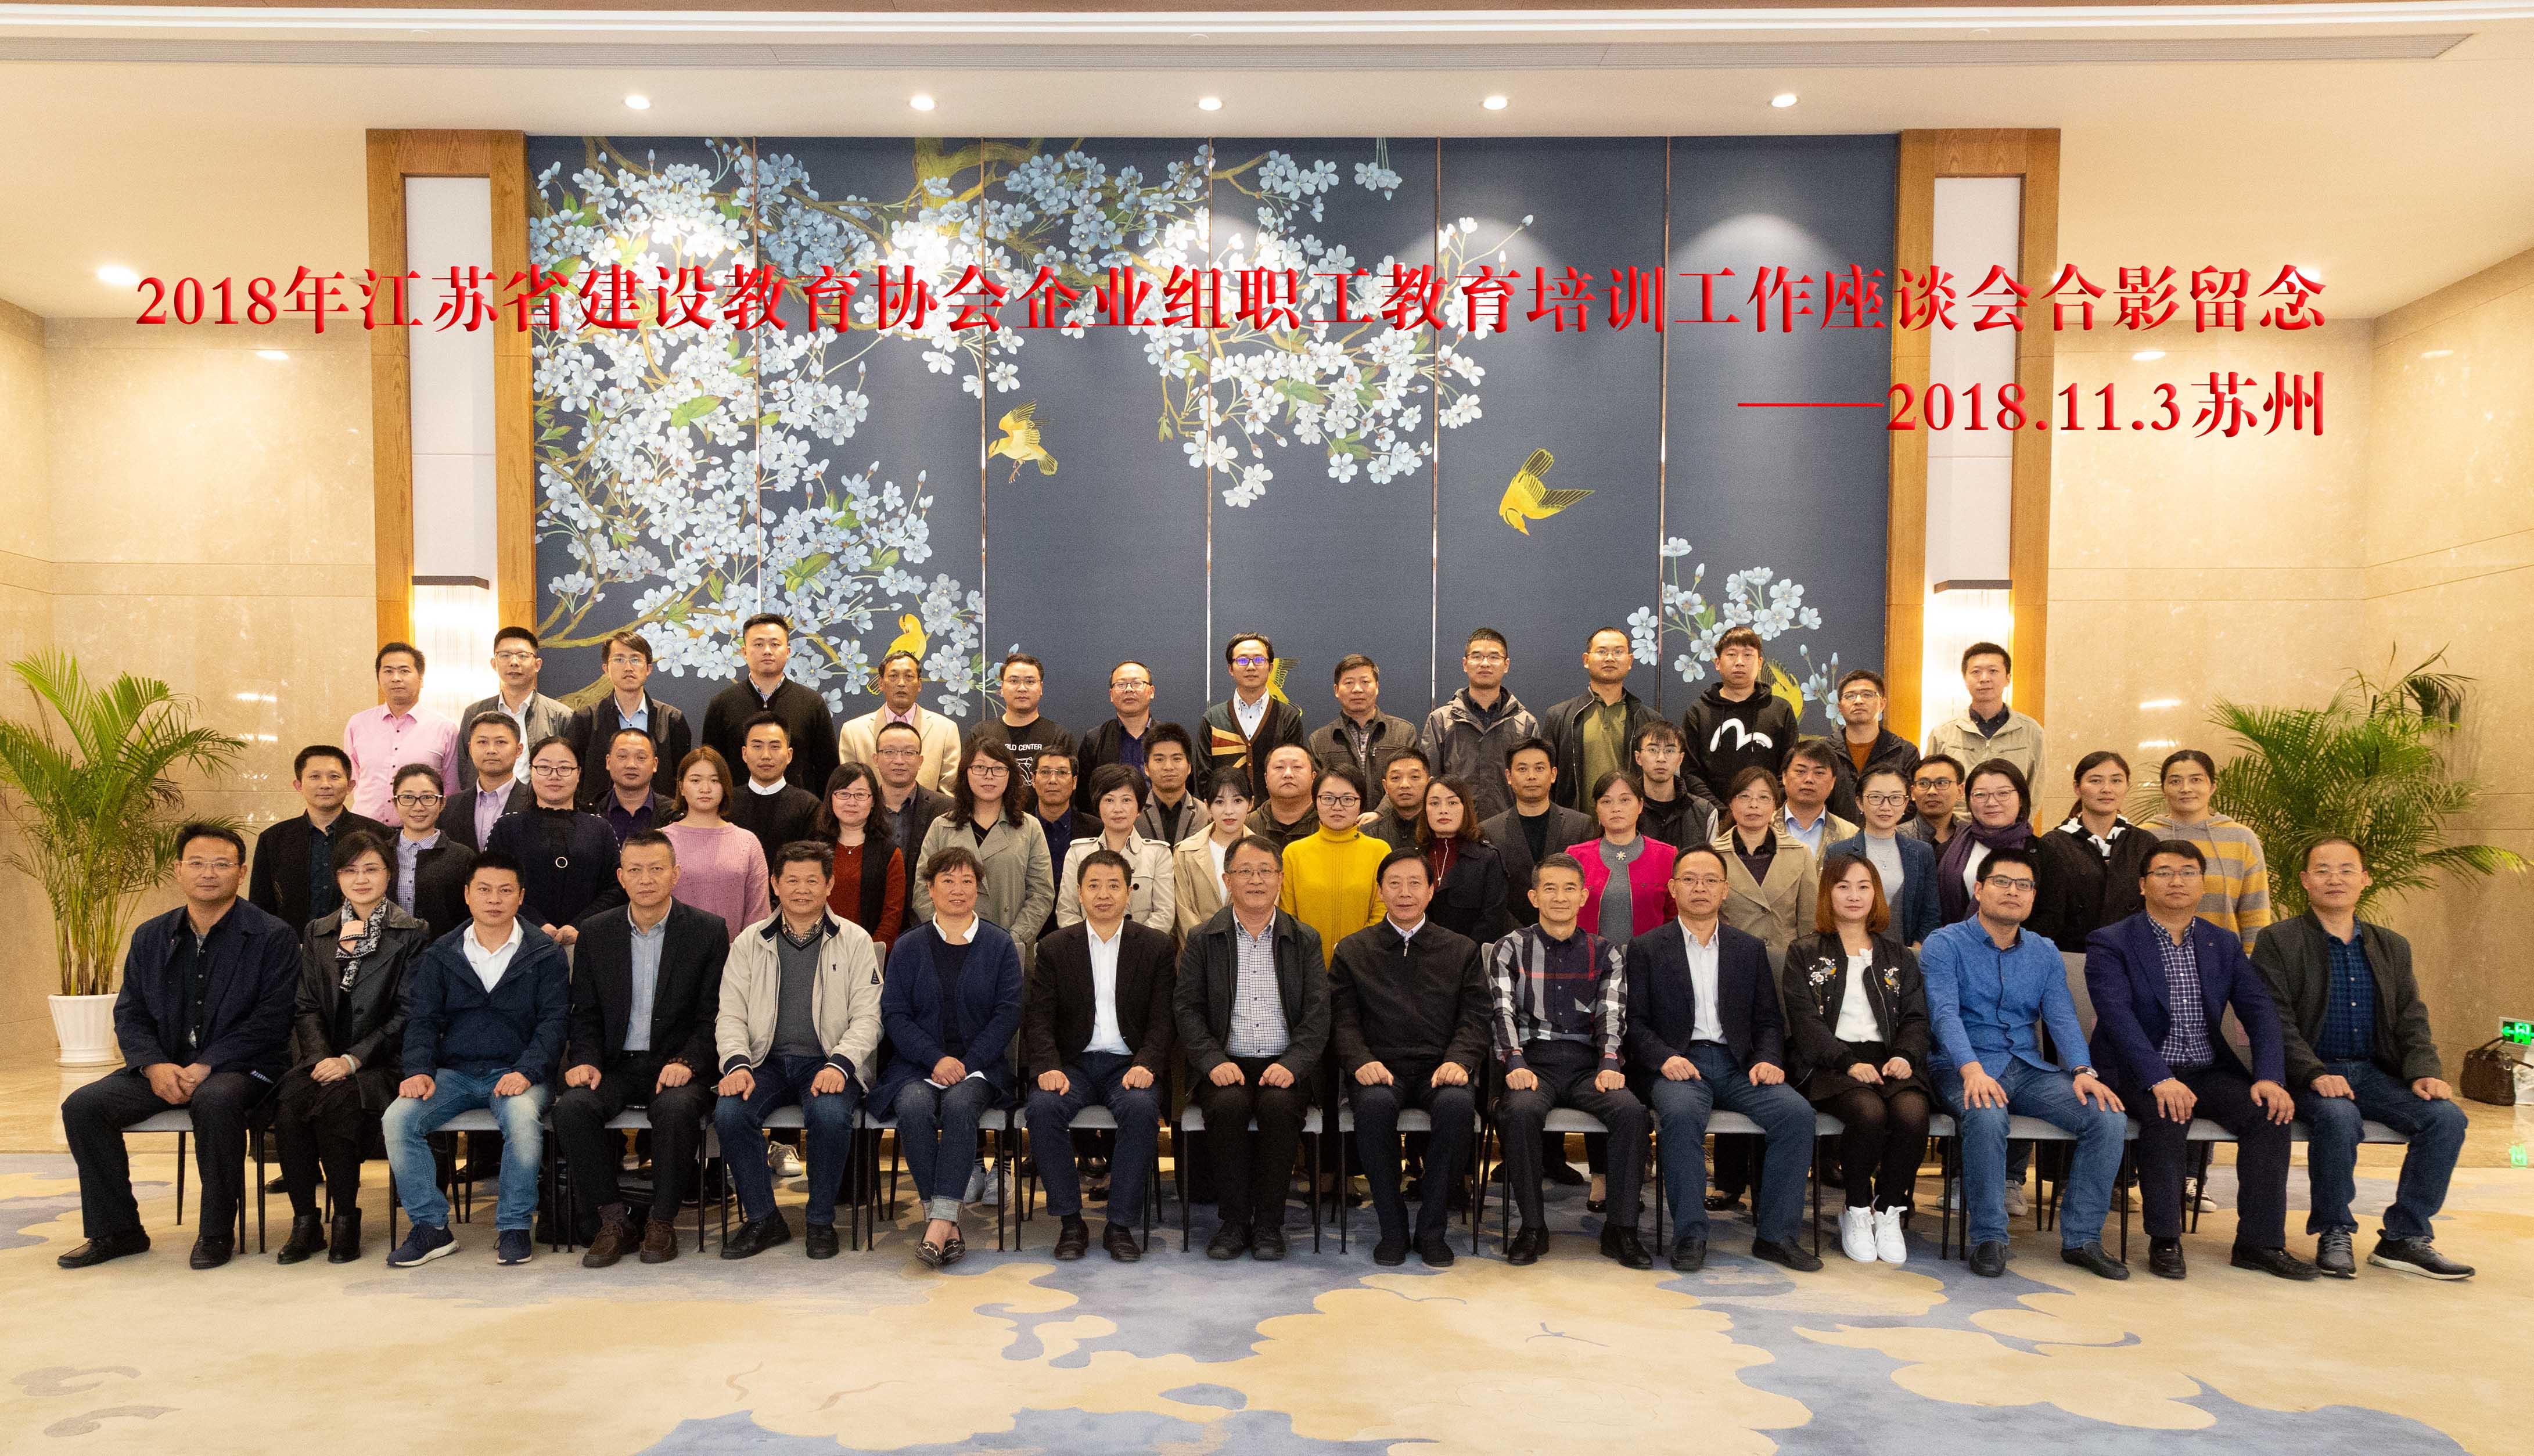 万博man建设教育协会企业组职工教育培训工作座谈会成功召开